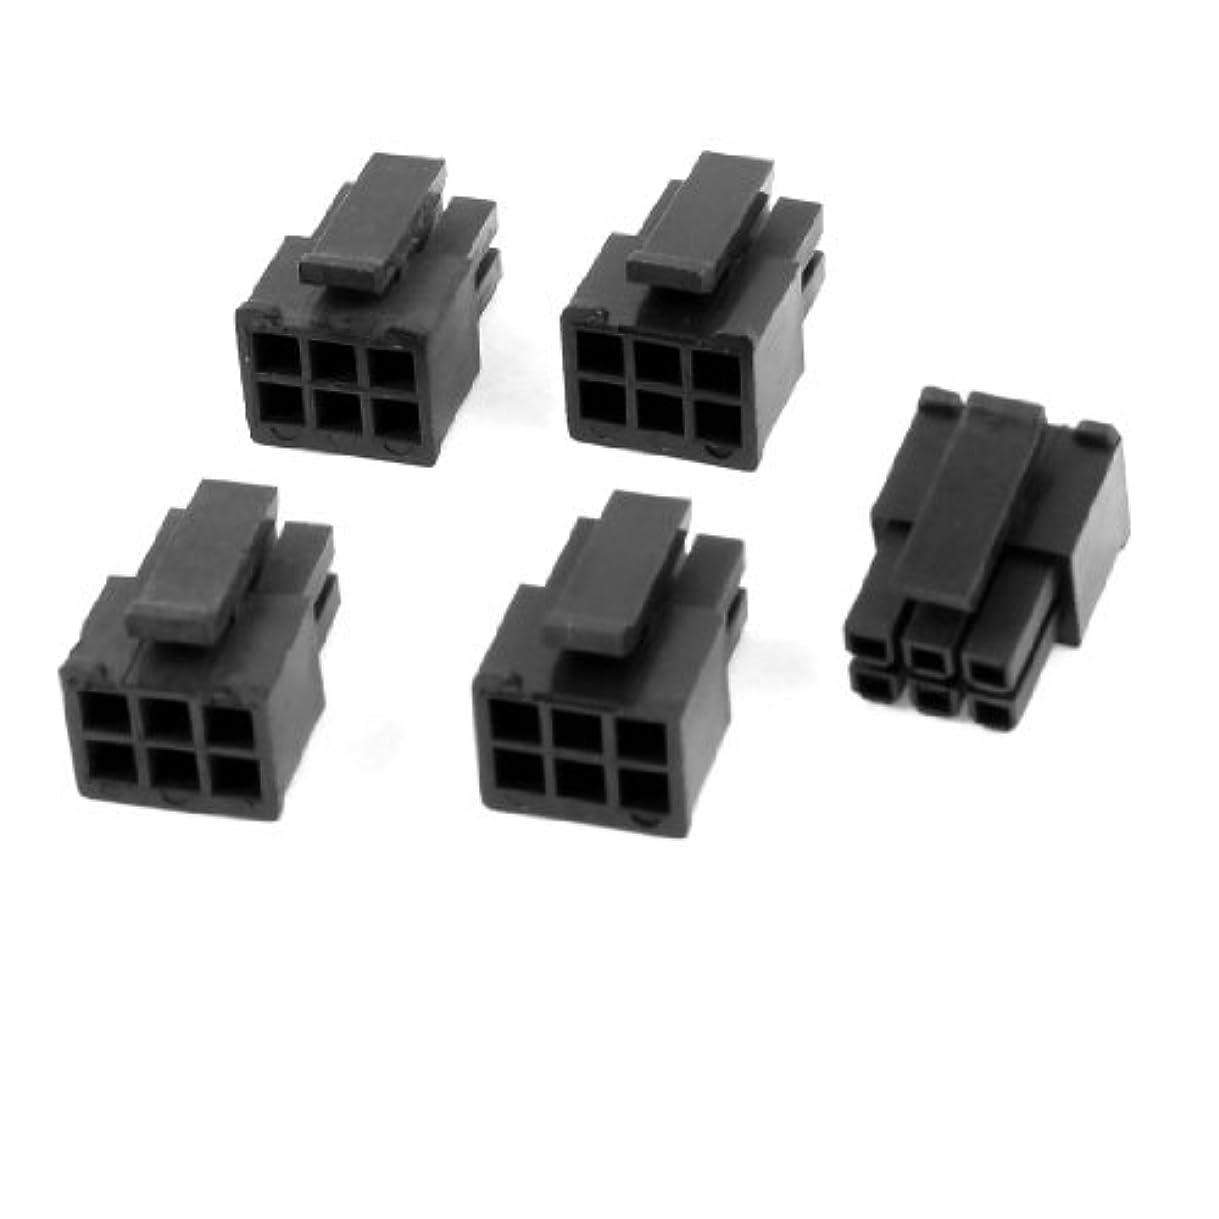 光沢シーボードヒロインuxcell ATX コネクタ アダプタ 6 ピン オス PCB パワー ブラック プラスチック 5個セット